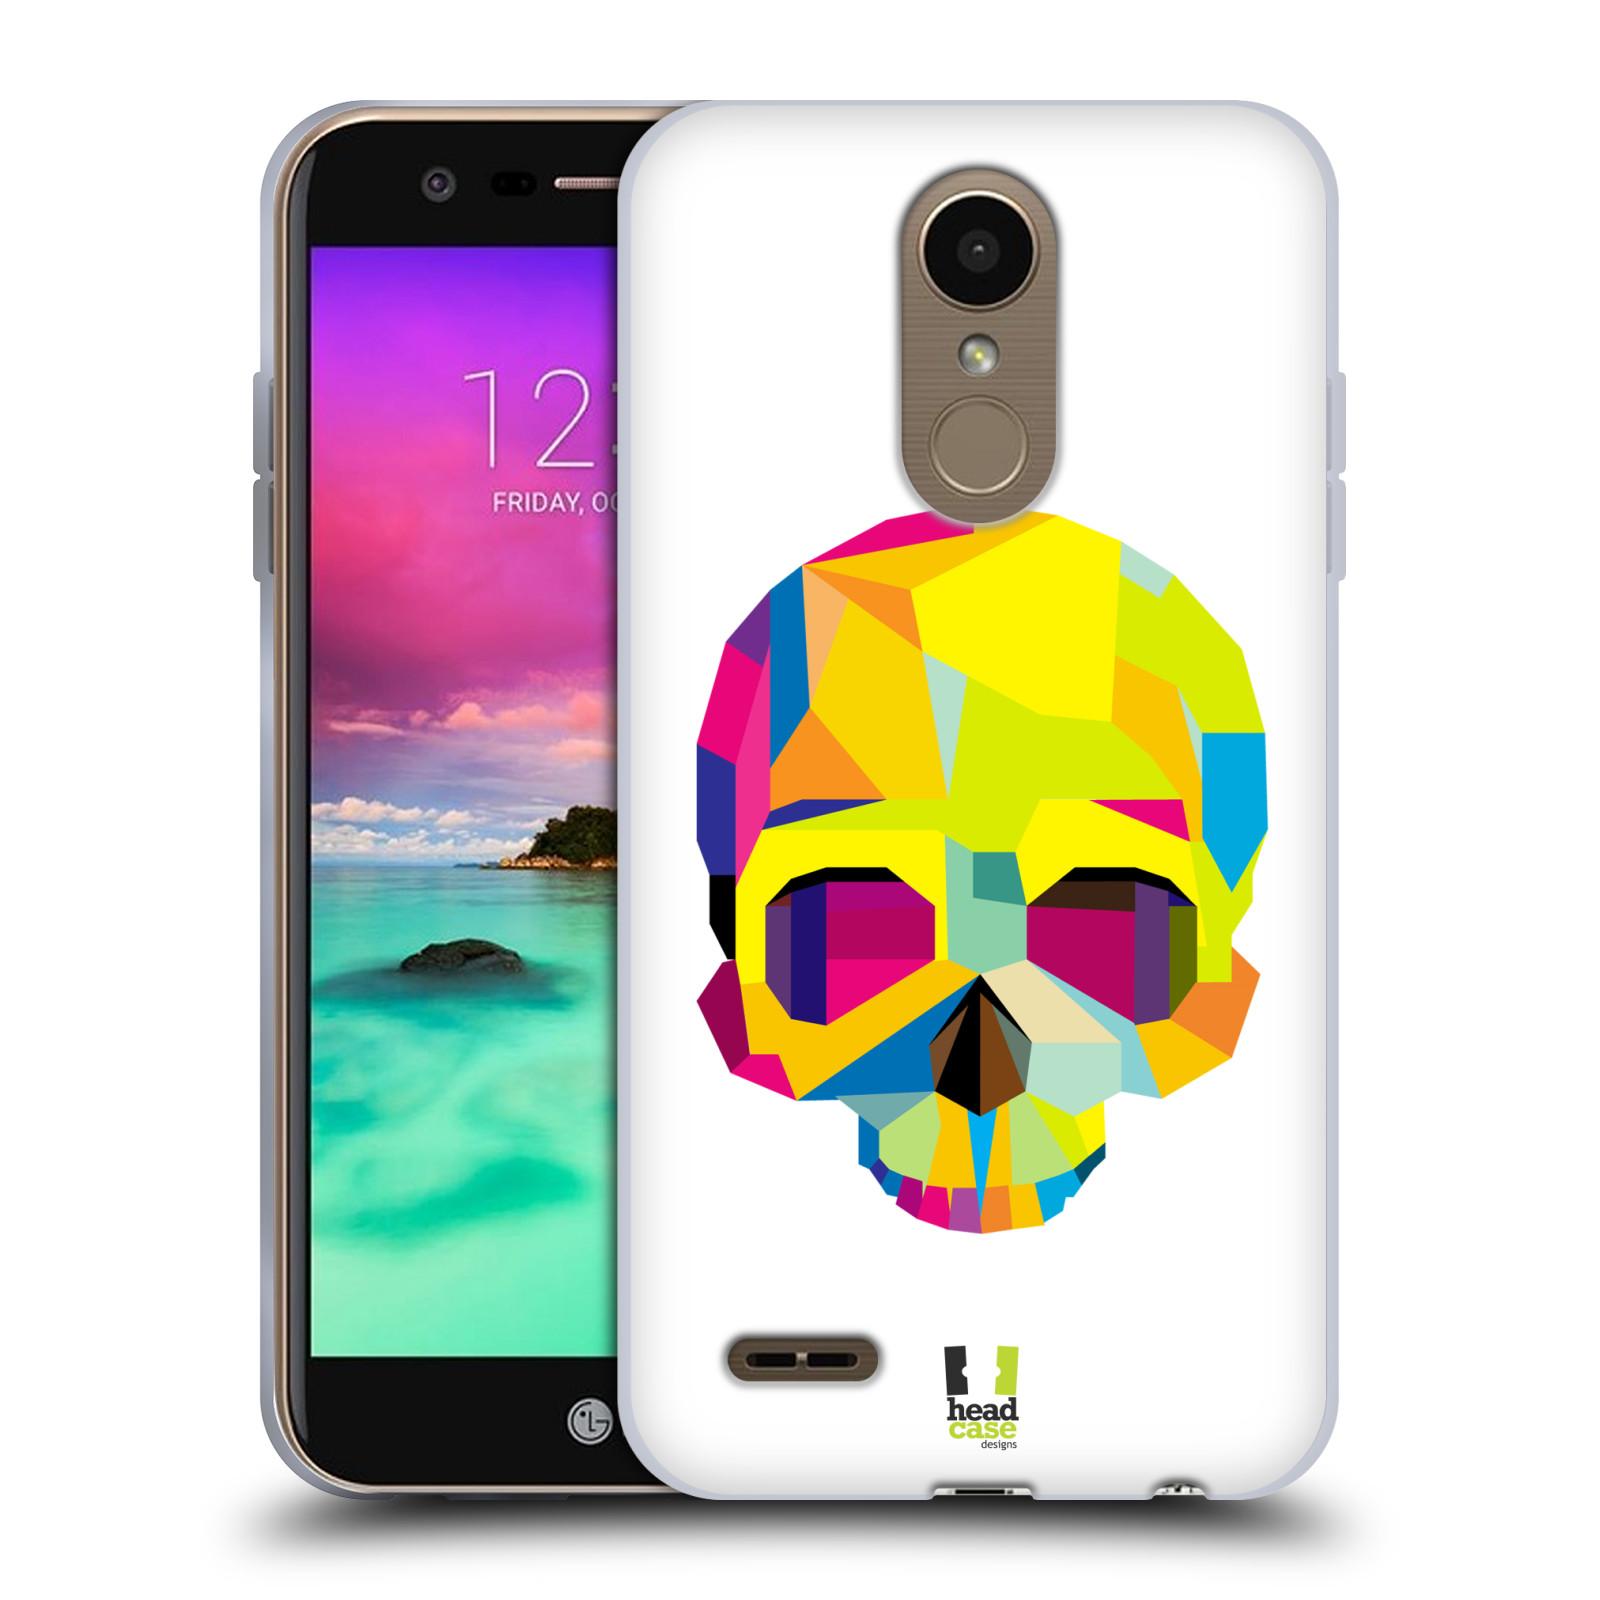 HEAD CASE silikonový obal na mobil LG K11 / K10 2018 vzor POP ART kubismus smrtelnost